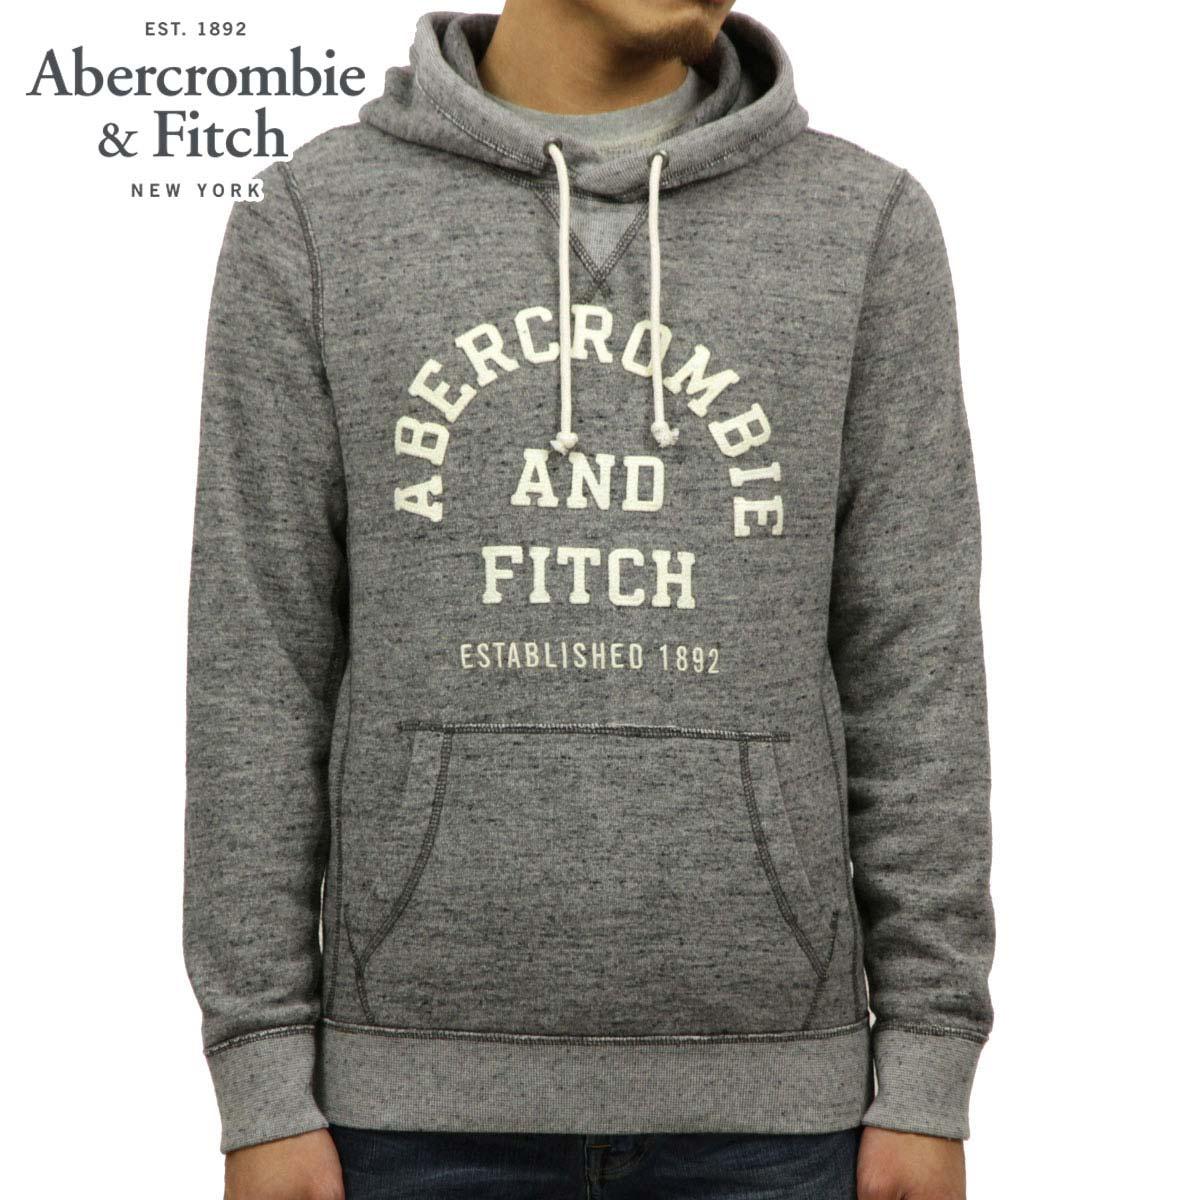 アバクロ Abercrombie&Fitch 正規品 メンズ ロゴ プルオーバーパーカー GRAPHIC LOGO HOODIE 122-243-0068-122